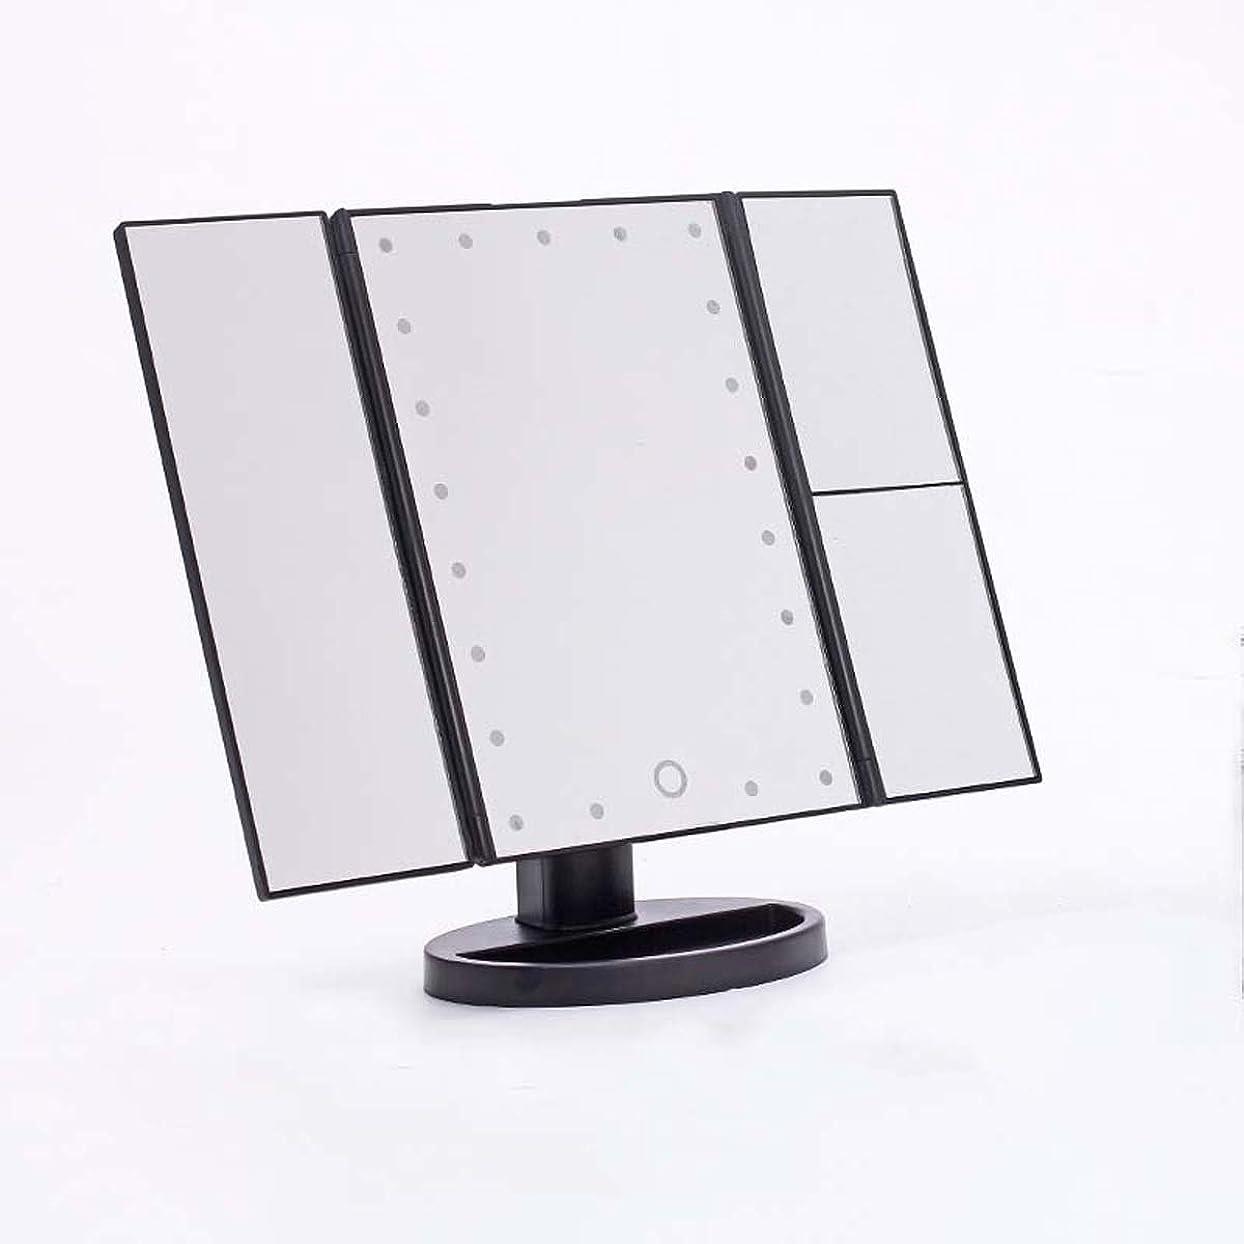 利益評判長椅子3倍/ 2倍の倍率の三つ折り照らされた化粧鏡、タッチスクリーン、シェービングのための180°調節可能な回転ミラー、電池およびUSB電源